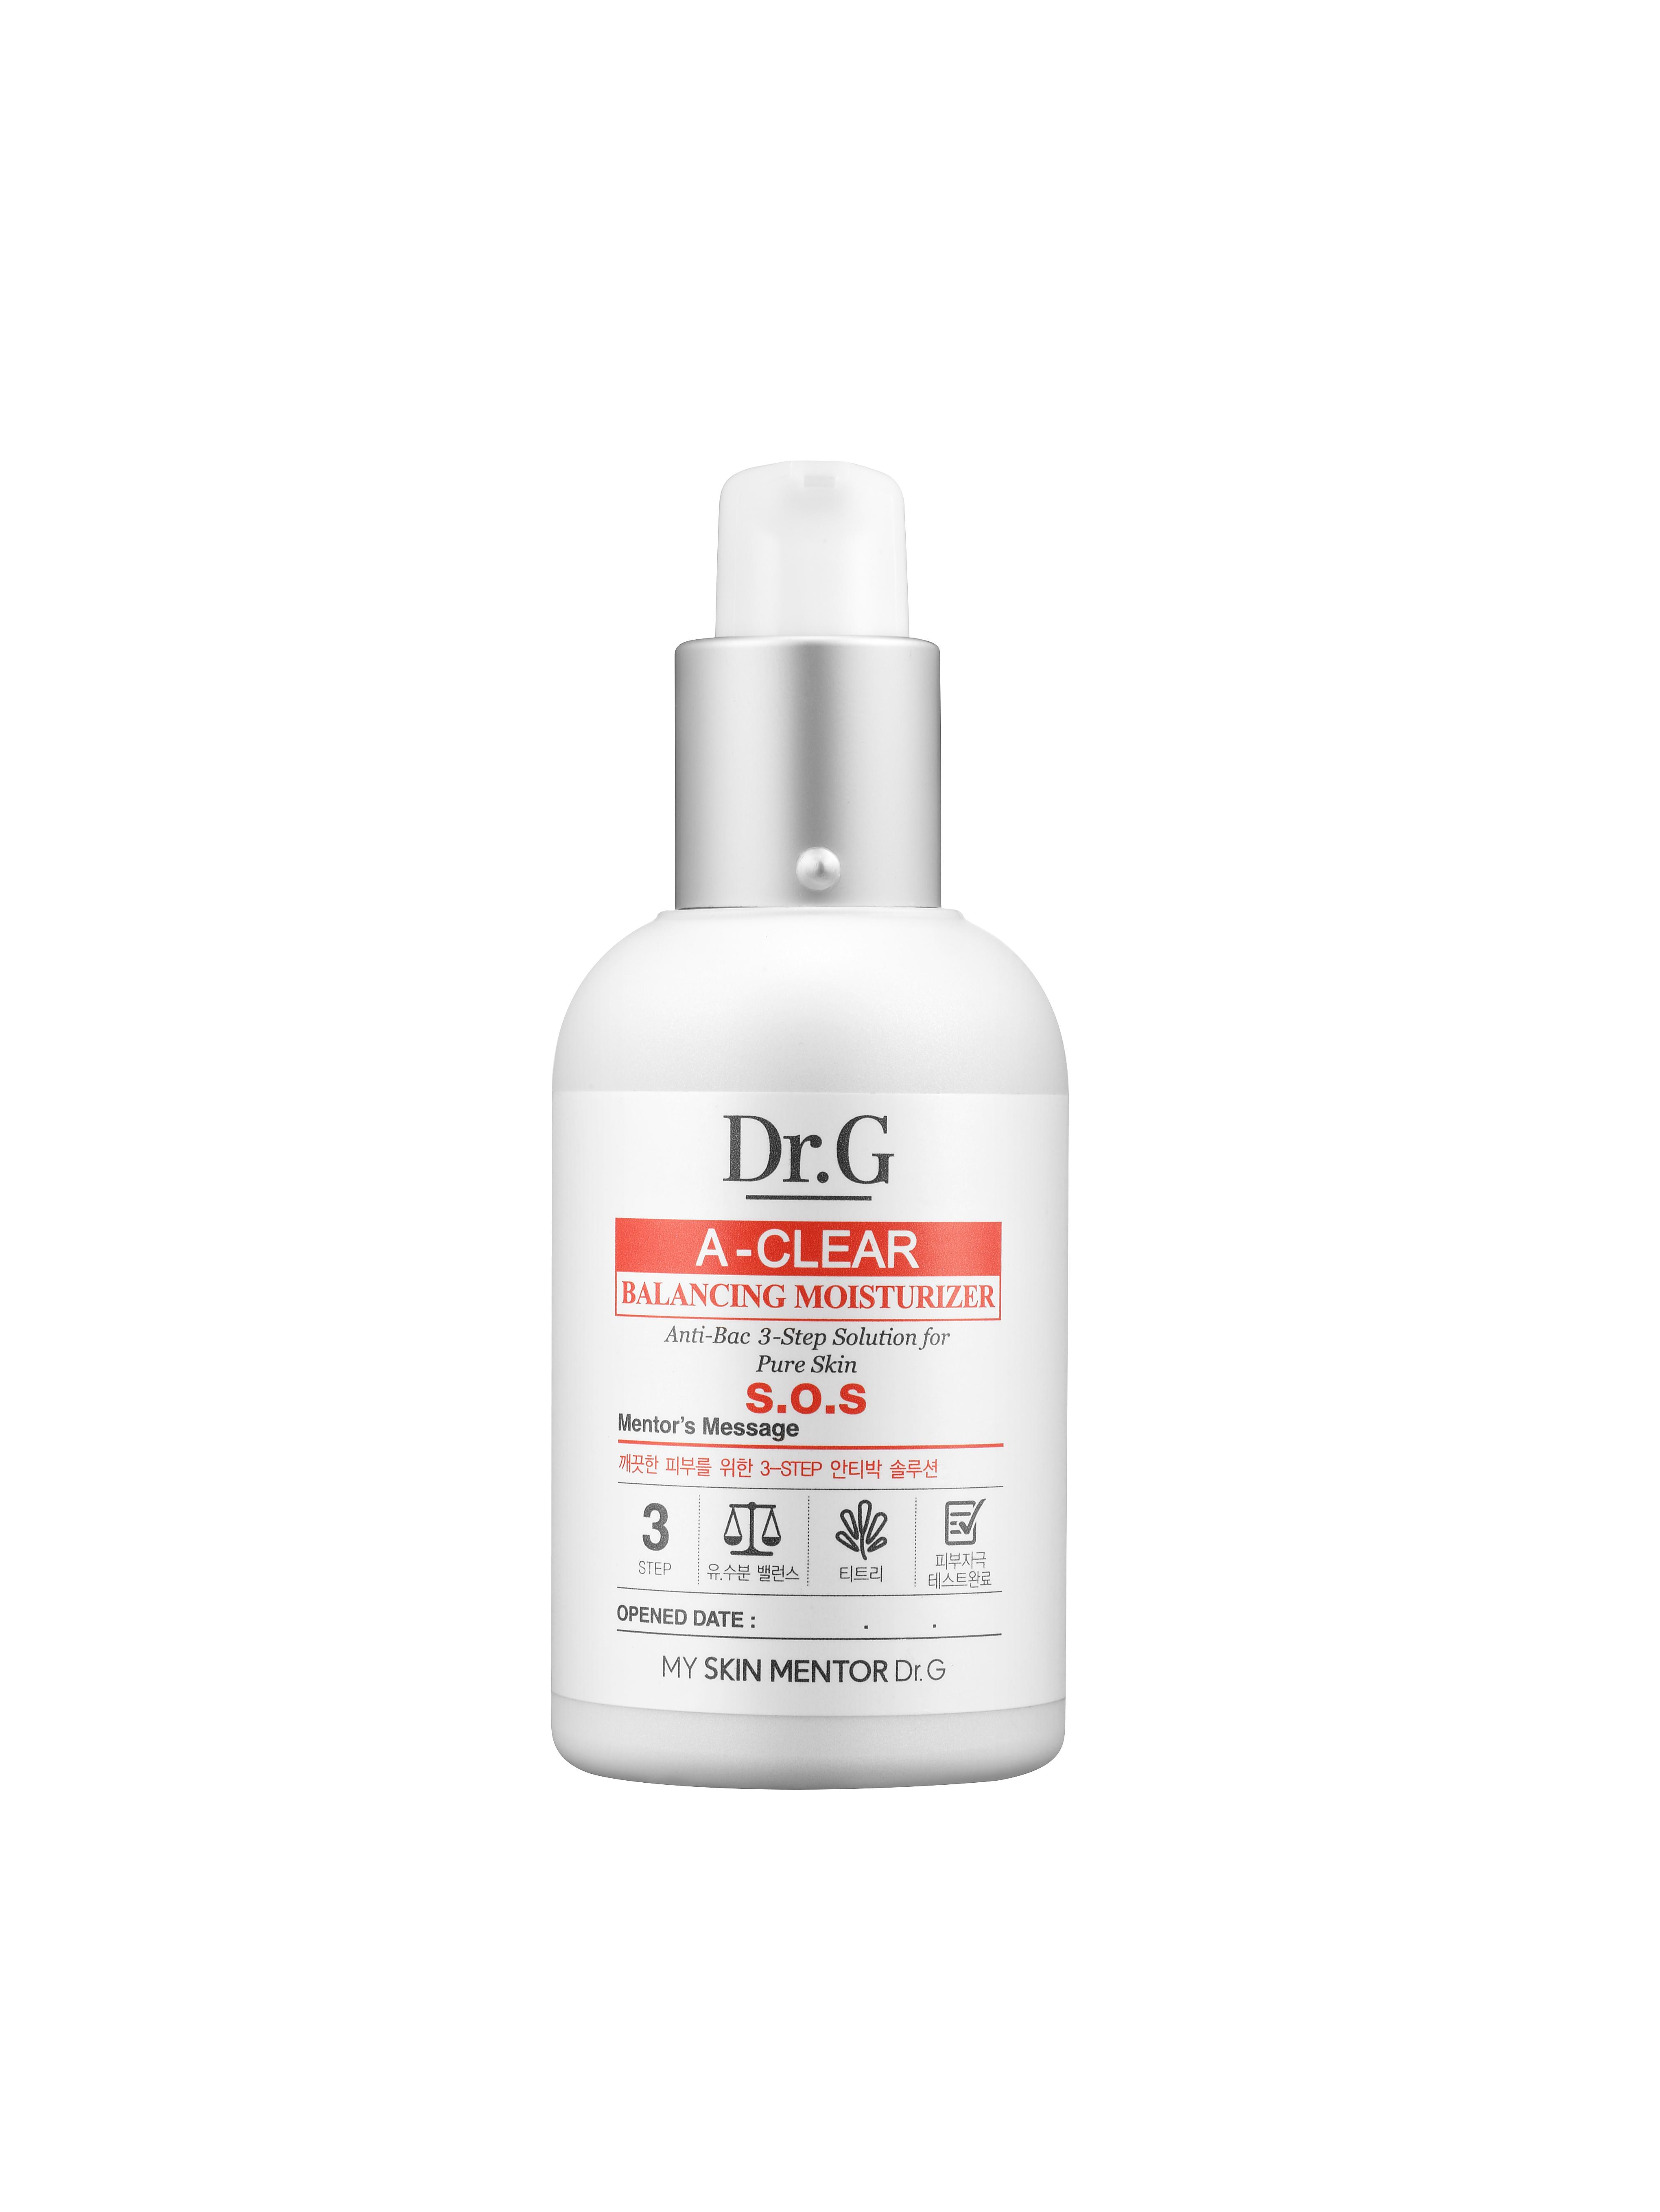 Dr. G Спрей для лечения проблемной кожи тела A-Clear, 170млDG136773Спрей для ухода за проблемной кожей спины и зоны декольте борется с акне: подавляет чрезмерную работу сальных желез, устраняет бактерии на поверхности кожи, оказывает антибактериальное и антисептическое действие. Масло чайного дерева и салициловая кислота подавляют инфекции, заживляют кожу и успокаивают раздражение.